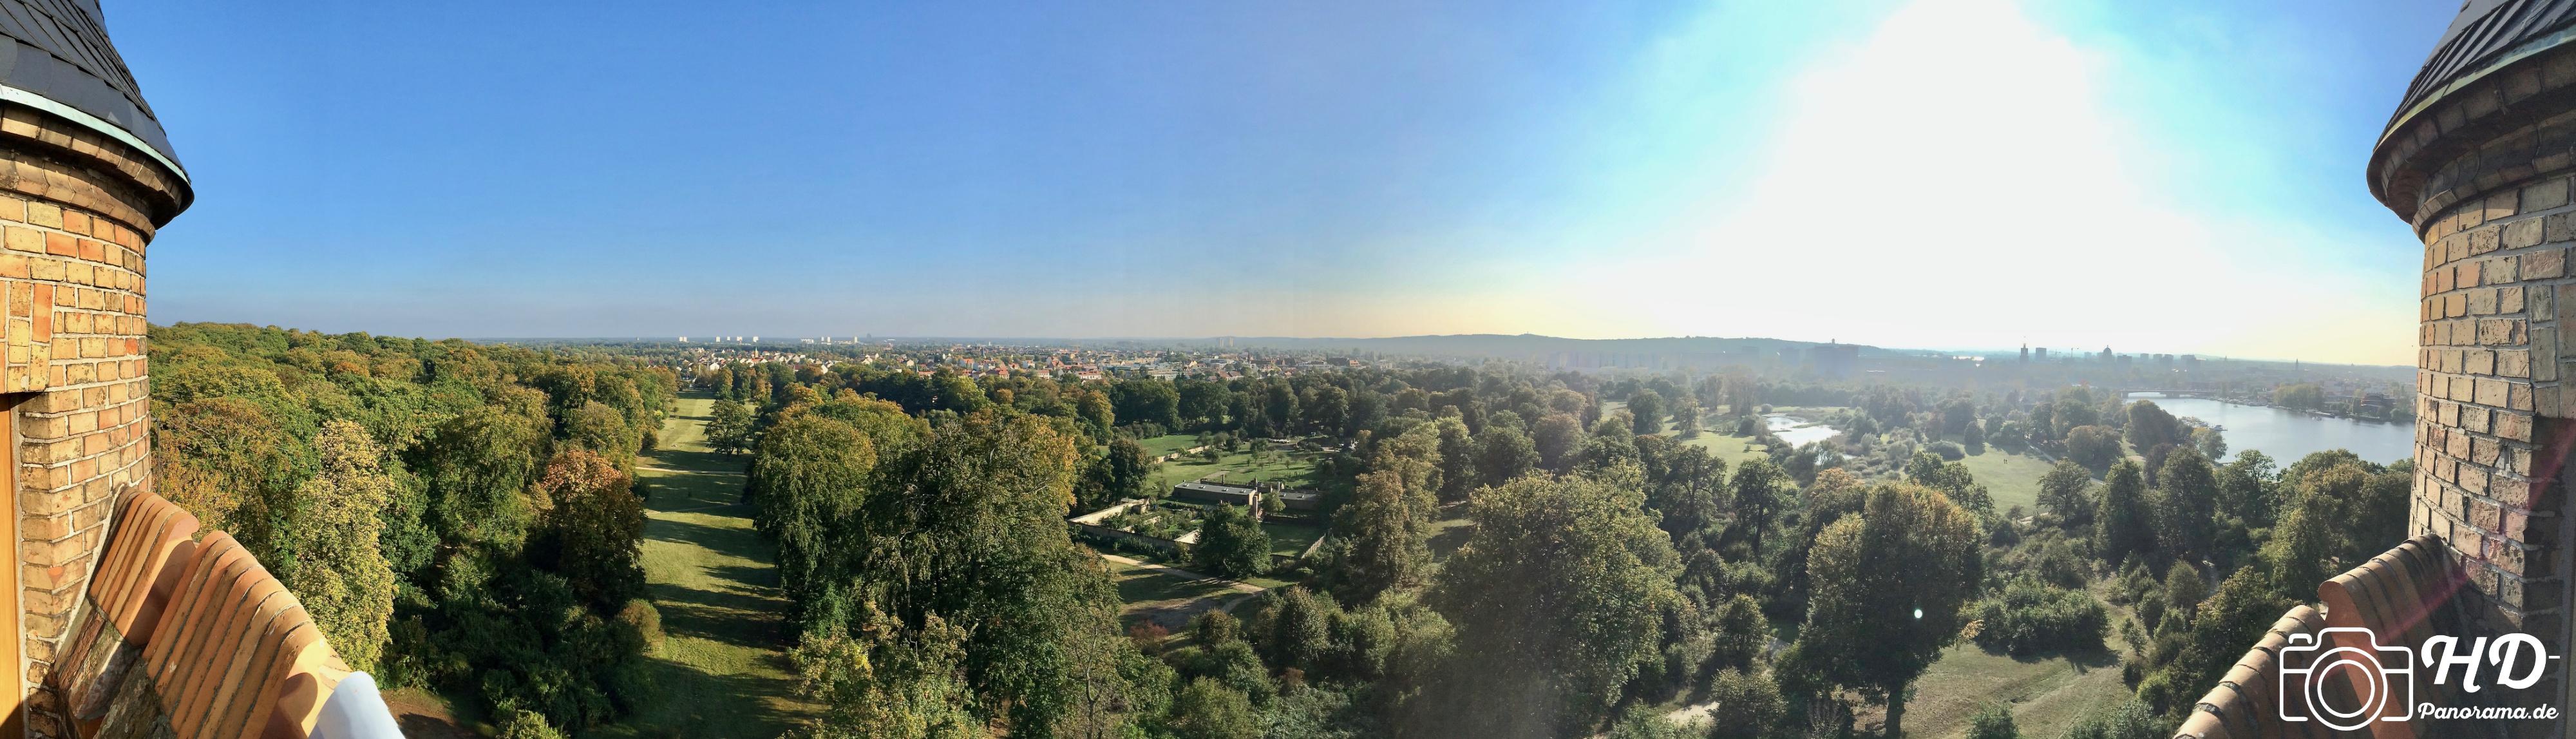 Panorama vom Flatowturm im Park Babelsberg mit Blickrichtung nach Süden, im Vordergrund der Babelsberger Park und Babelsberg, dahinter die Hochhäuser vom Stern - HD-Panorama © René Blanke